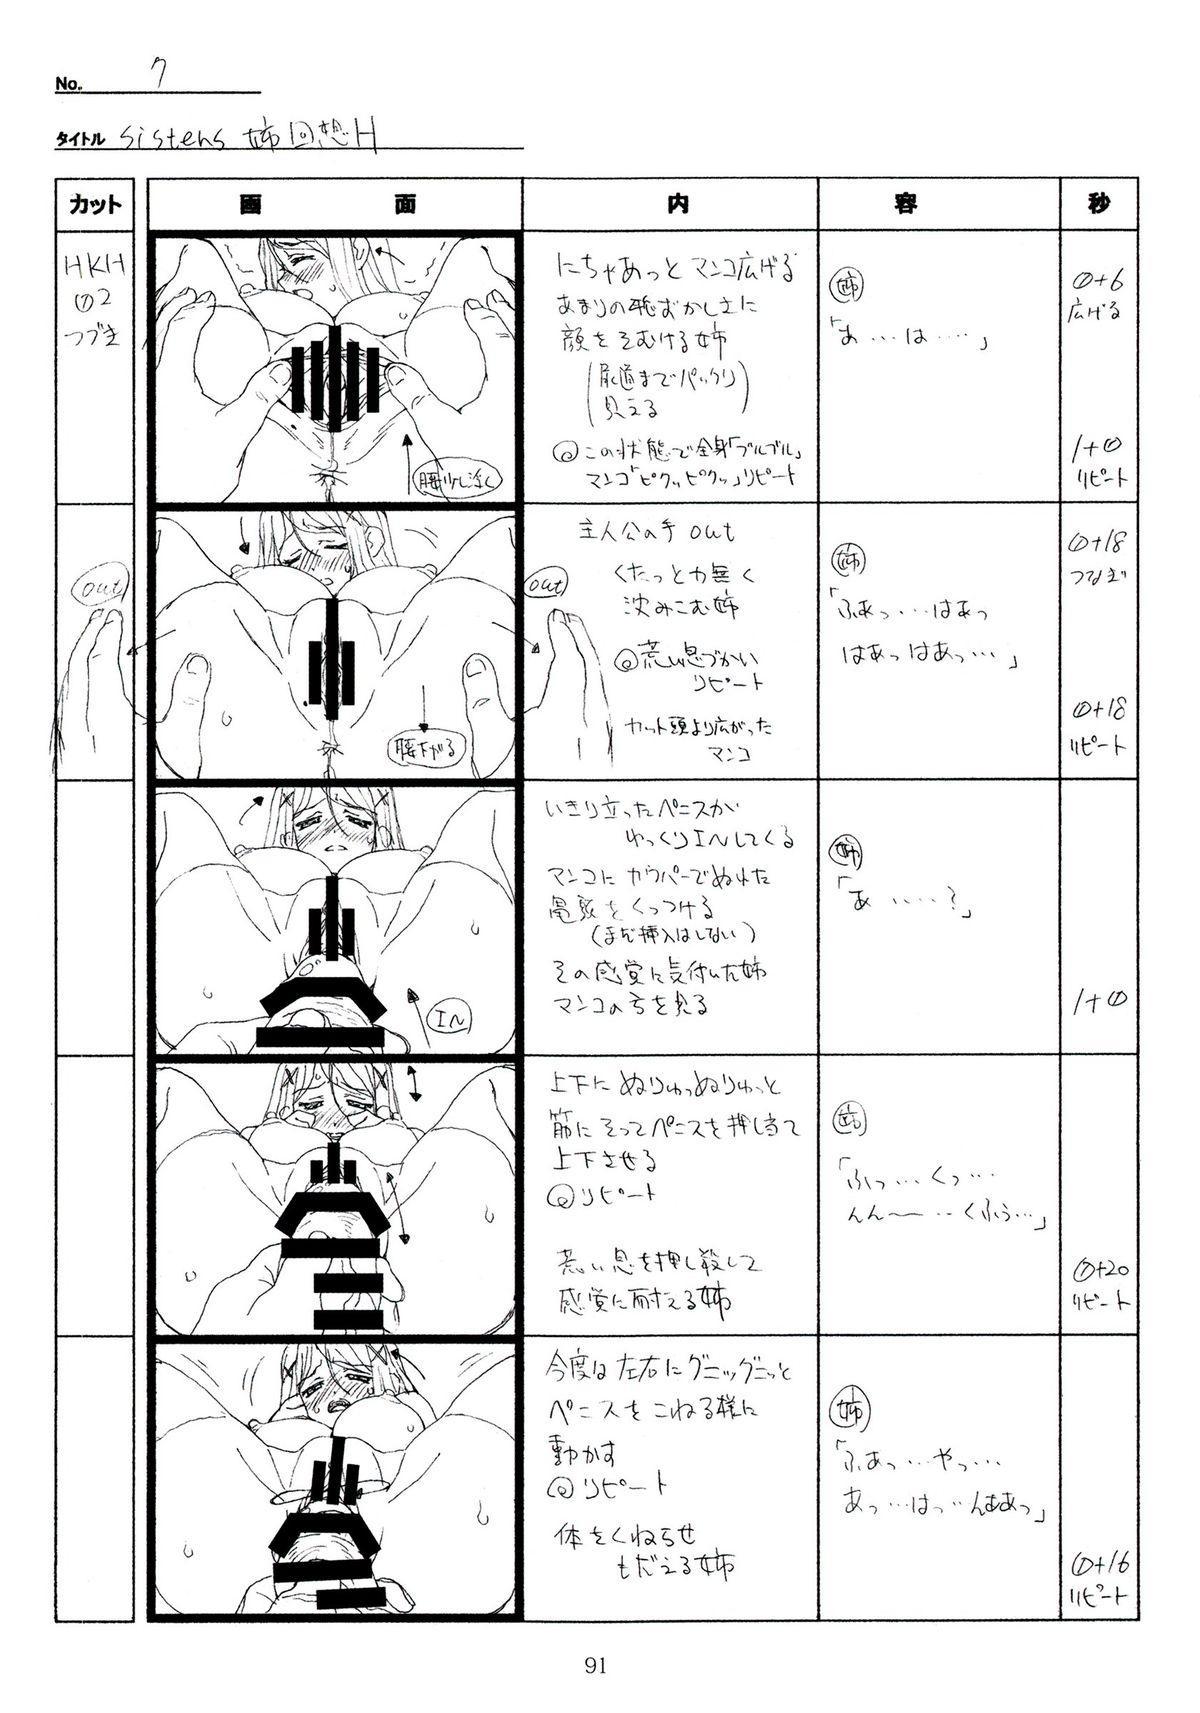 (C89) [Makino Jimusho (Taki Minashika)] SISTERS -Natsu no Saigo no Hi- H Scene All Part Storyboard (SISTERS -Natsu no Saigo no Hi-) 90